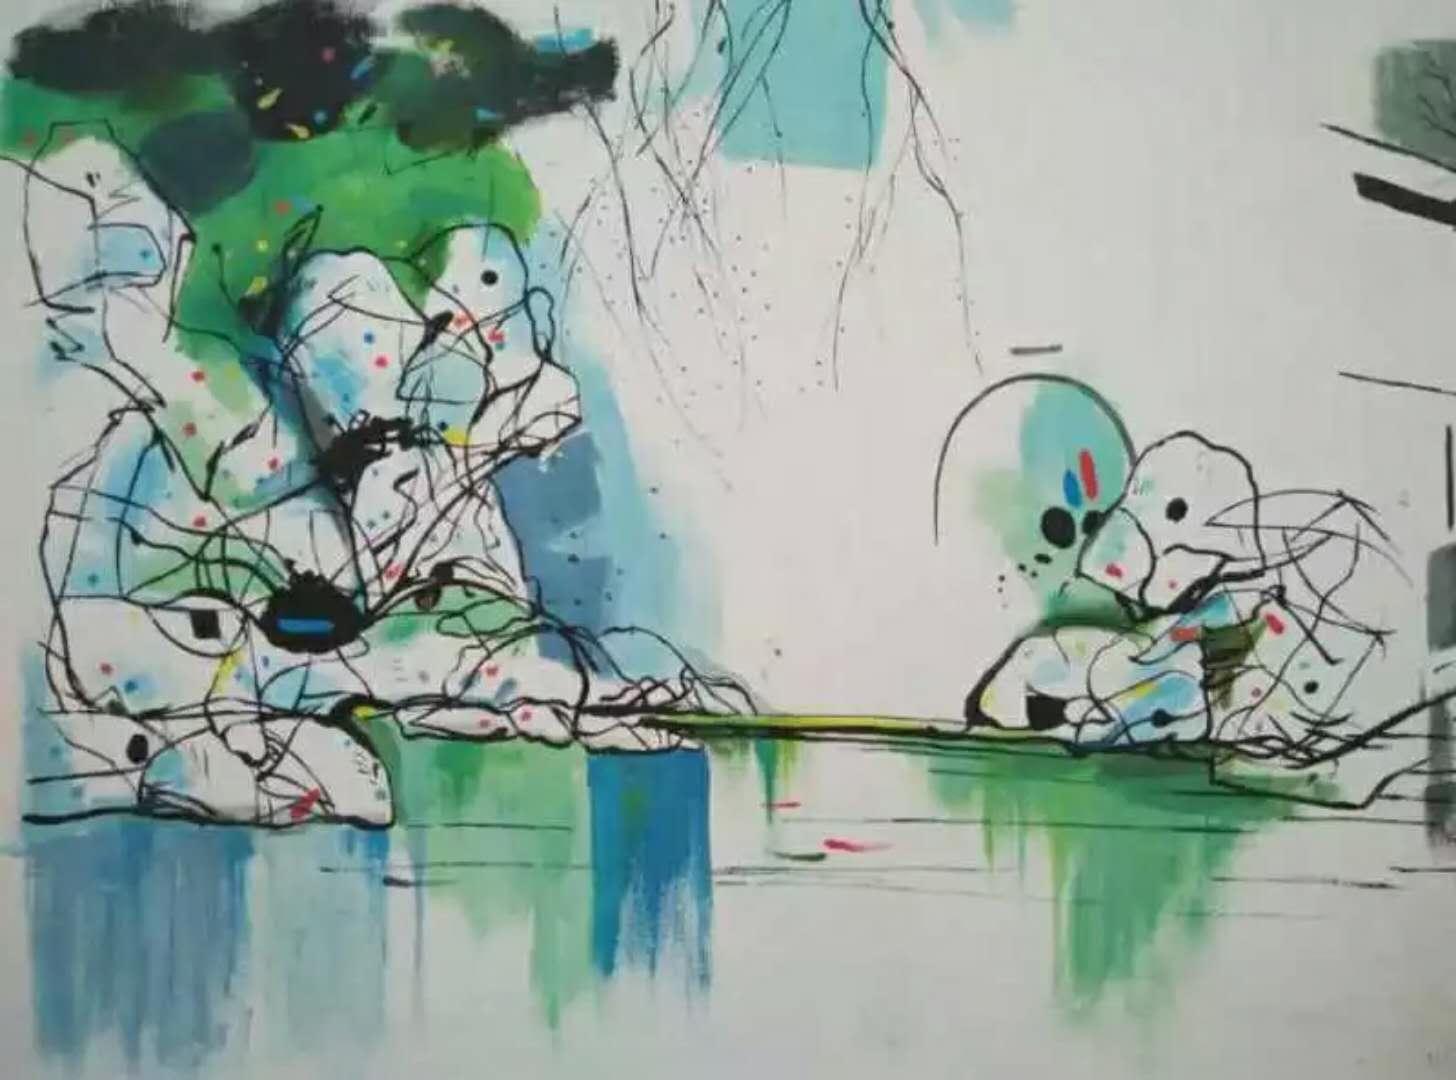 墙画|锦都园林-泉州锦都园林景观工程有限公司